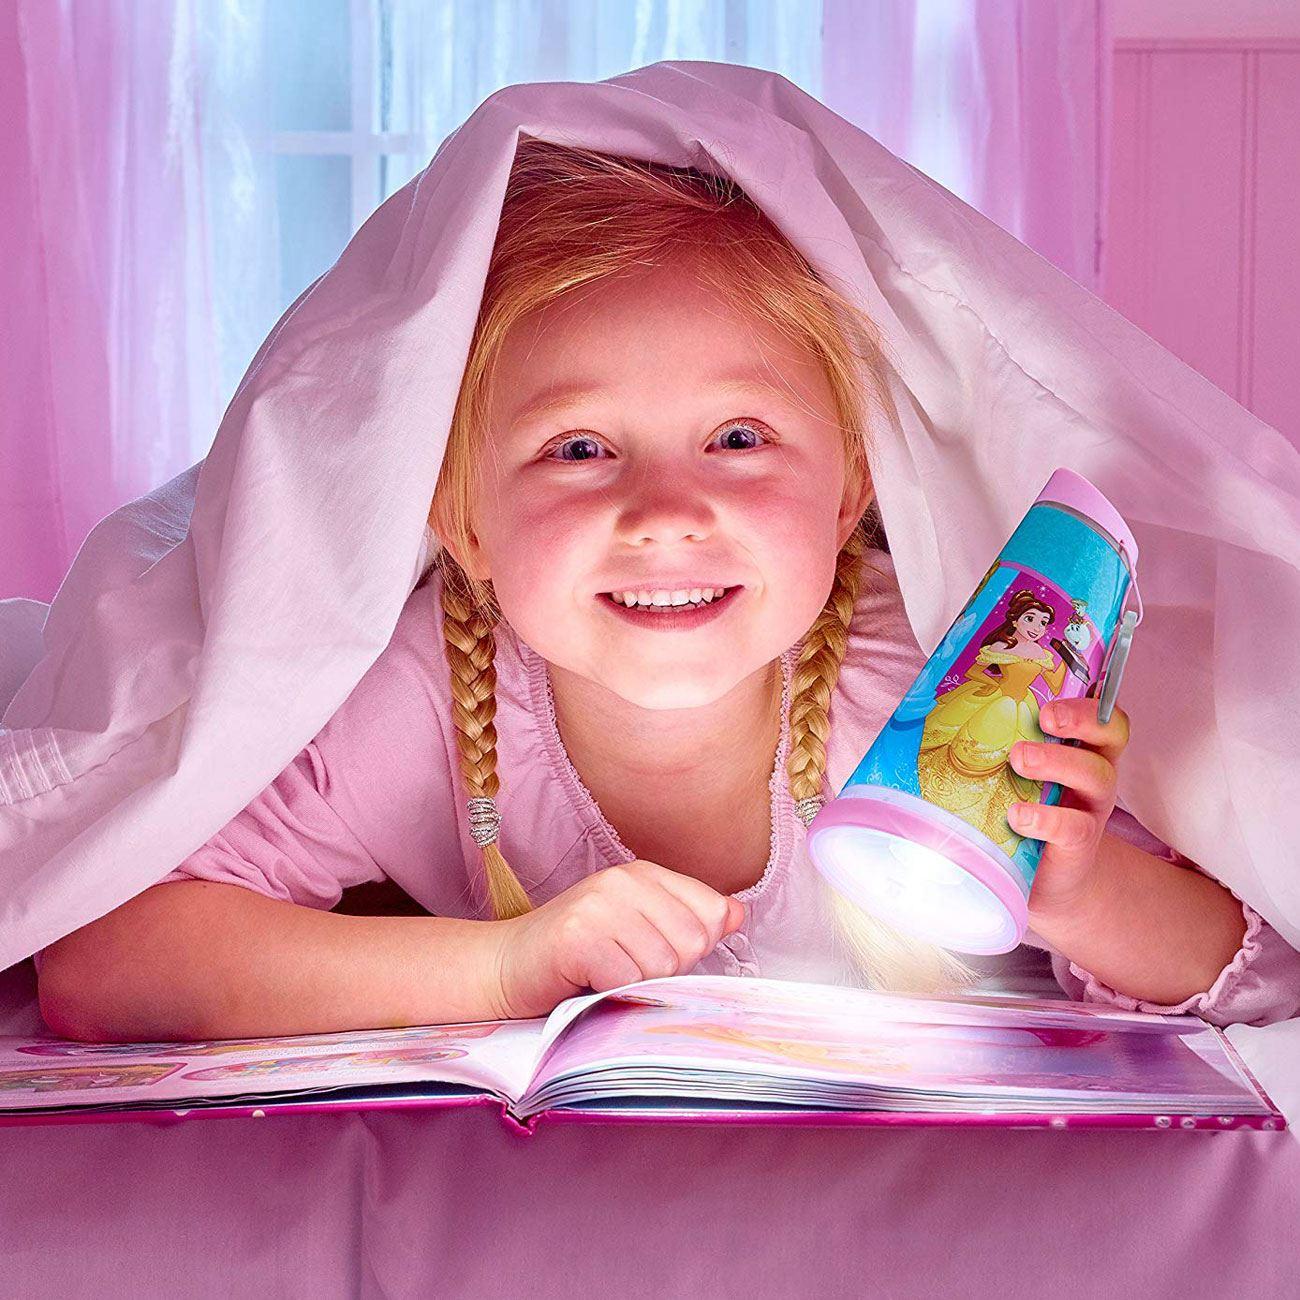 Indexbild 27 - Go Glow Nacht Beam Kipp Torch Beleuchtung Licht Kinder Schlafzimmer